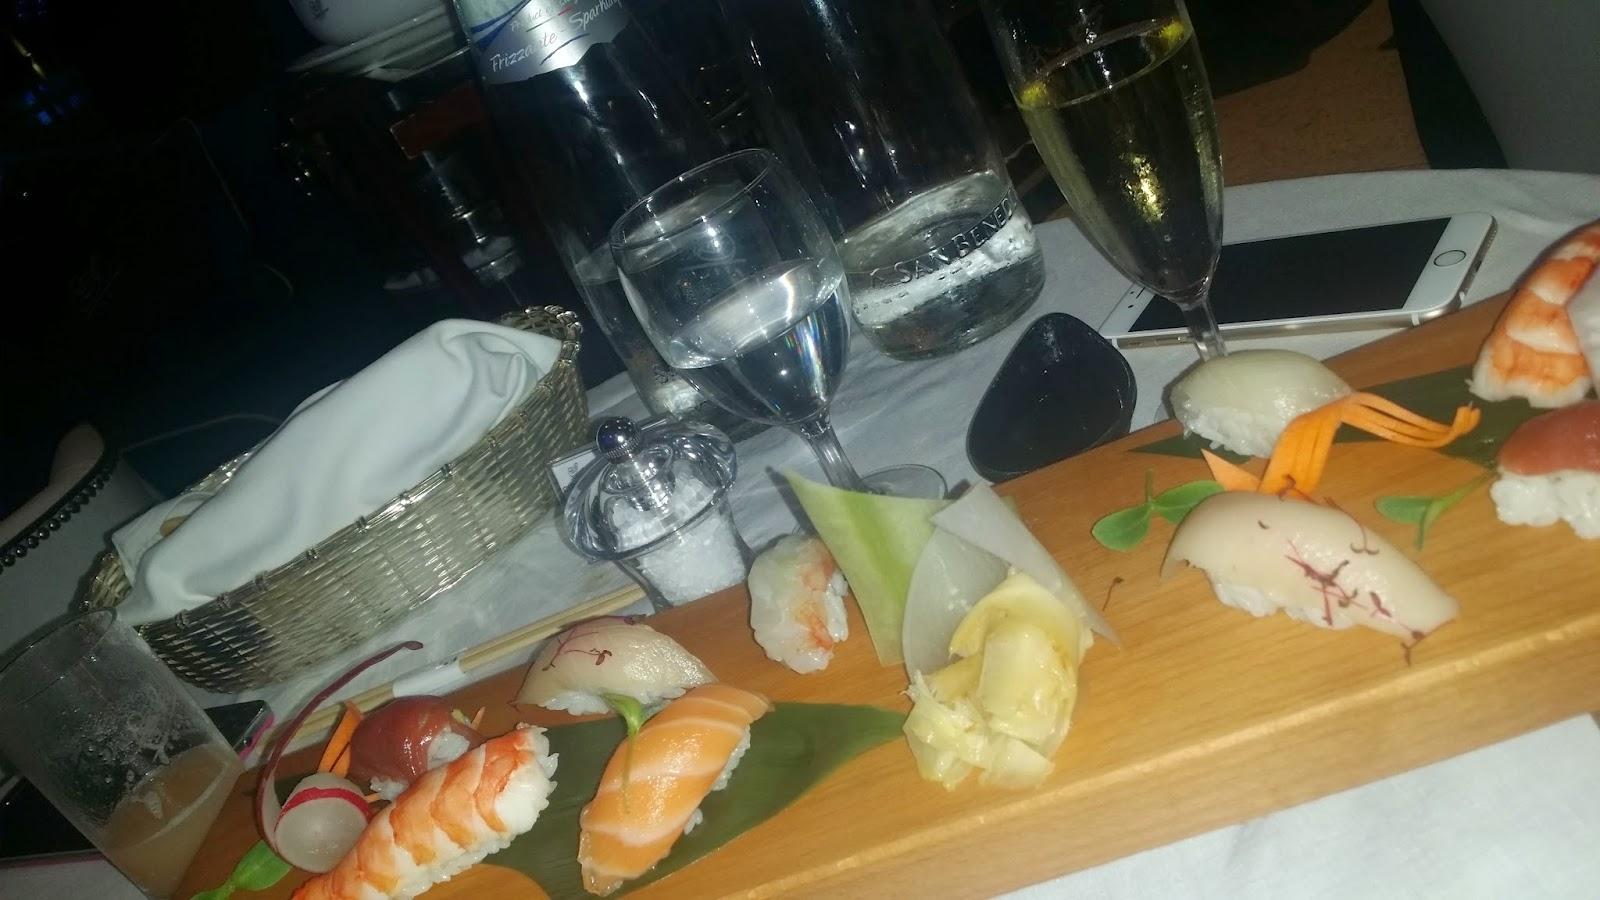 Sushi Platter from F1 menu at Cipriani Yas Island